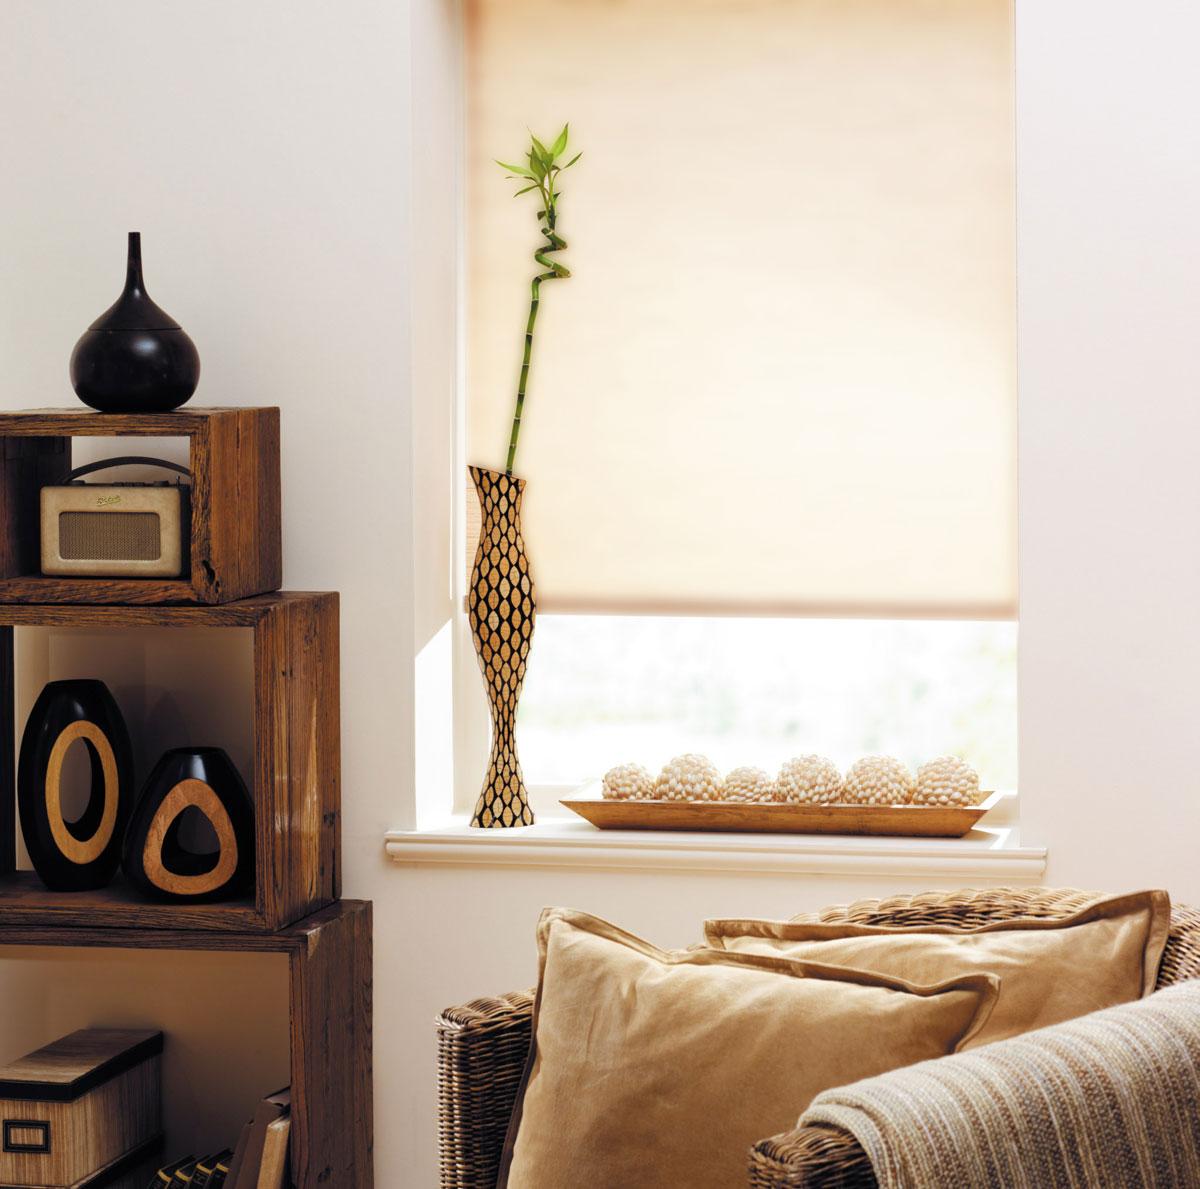 """Рулонная штора KauffOrt """"Миниролло"""" выполнена из высокопрочной ткани, которая сохраняет свой размер даже при намокании. Ткань не выцветает и обладает отличной цветоустойчивостью.Миниролло - это подвид рулонных штор, который закрывает не весь оконный проем, а непосредственно само стекло. Такие шторы крепятся на раму без сверления при помощи зажимов или клейкой двухсторонней ленты (в комплекте). Окно остается на гарантии, благодаря монтажу без сверления. Такая штора станет прекрасным элементом декора окна и гармонично впишется в интерьер любого помещения."""